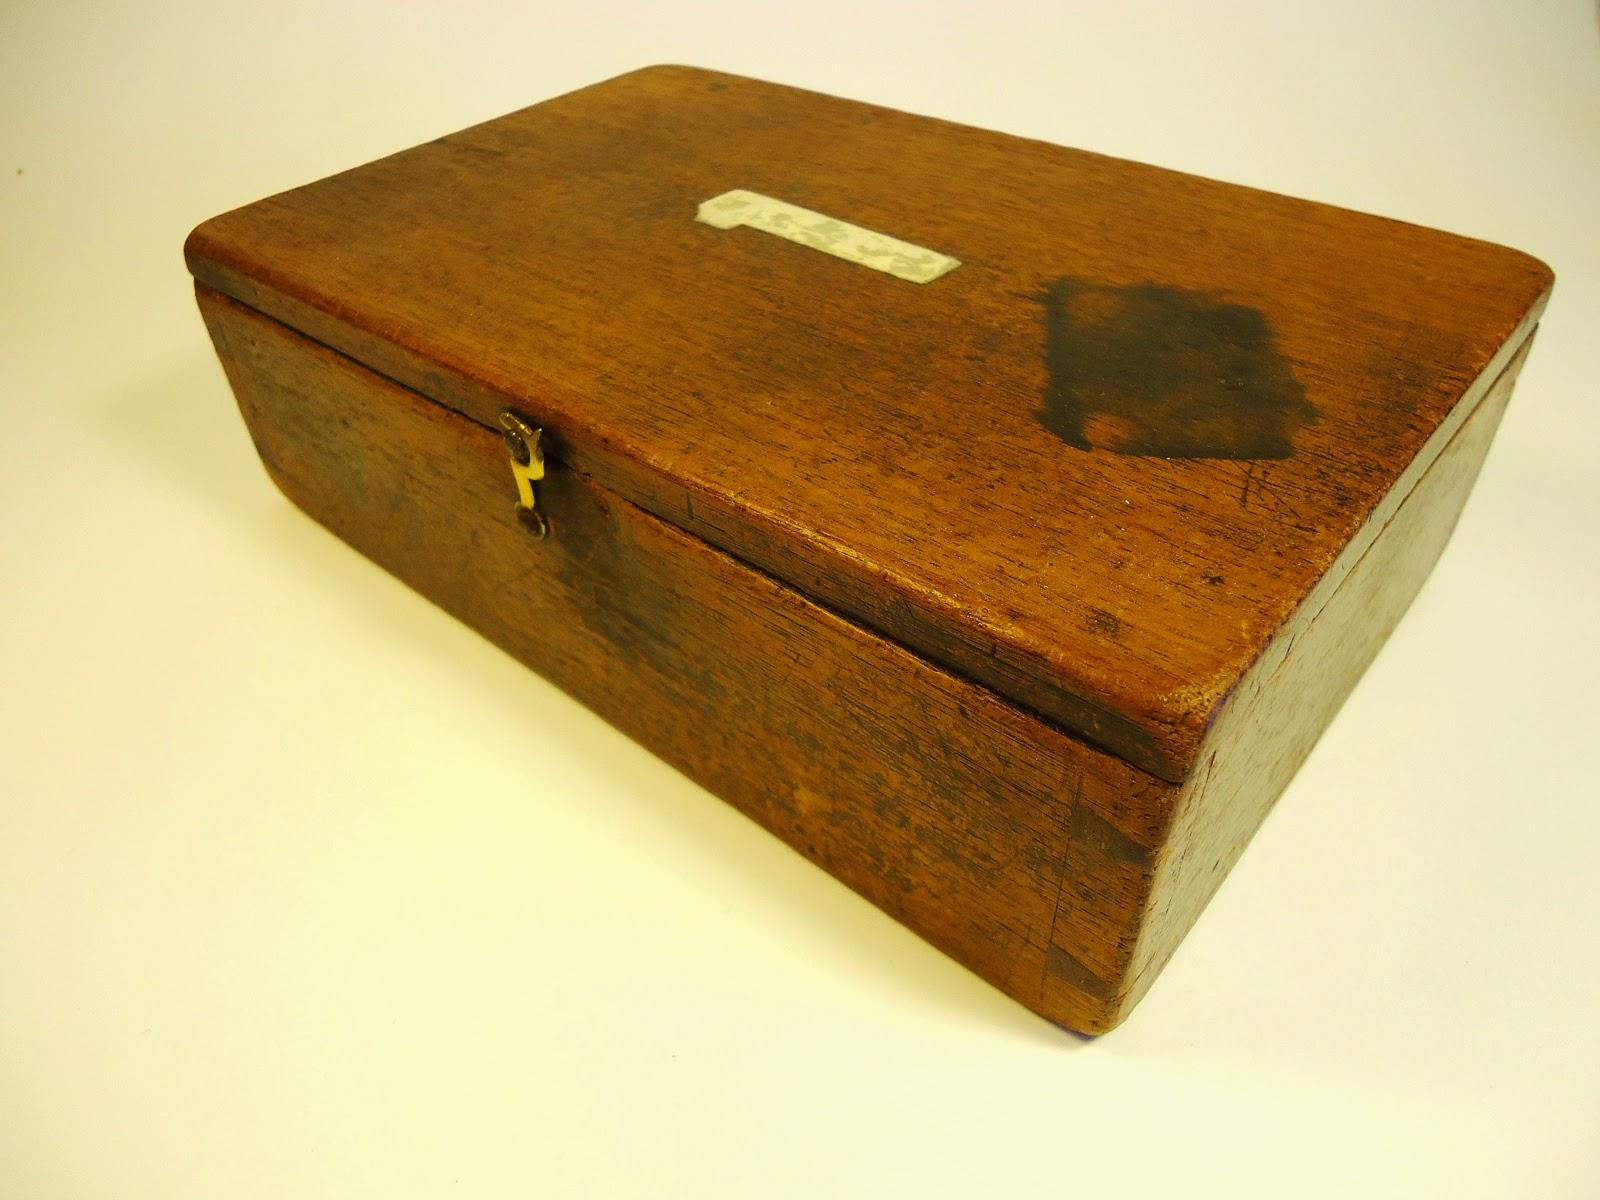 cajas antiguas inglesas de oficina de correos vendidas On cajas para oficina